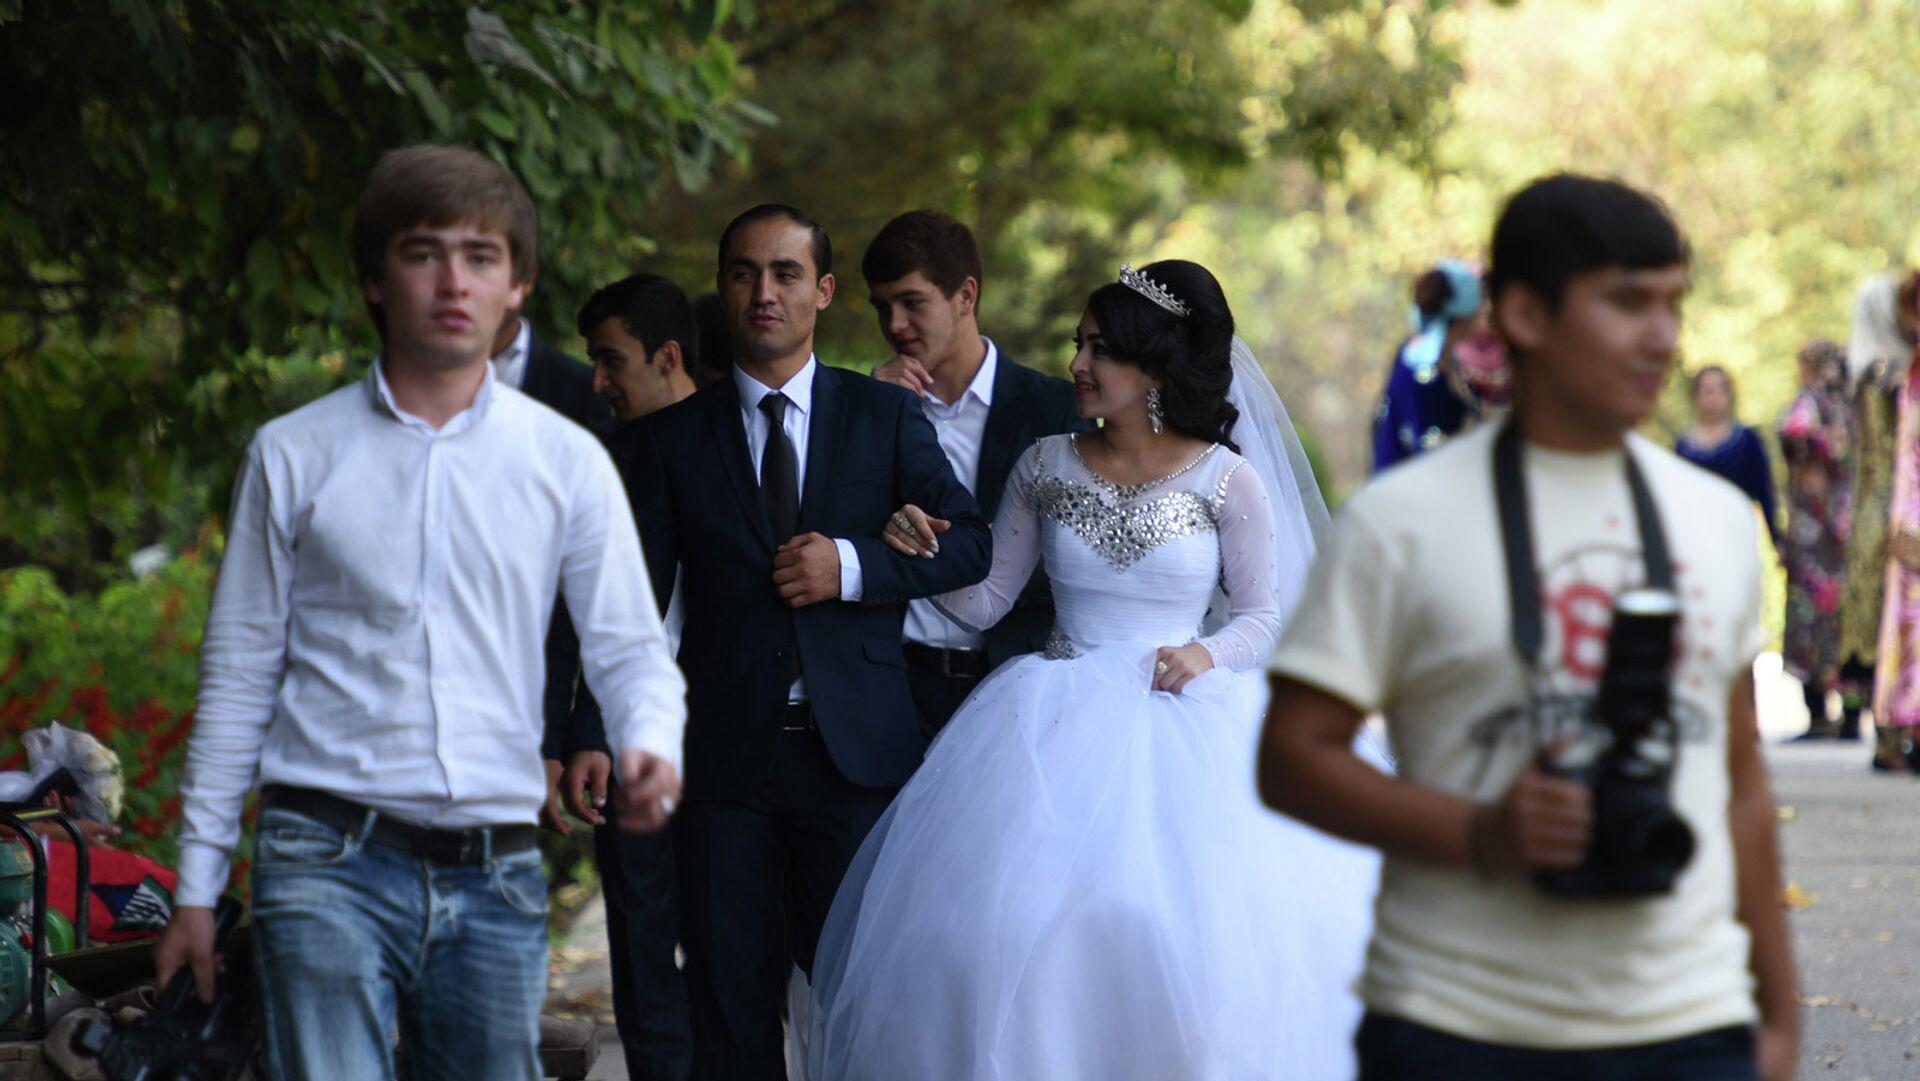 Таджикская свадьба, архивное фото - Sputnik Тоҷикистон, 1920, 01.02.2021